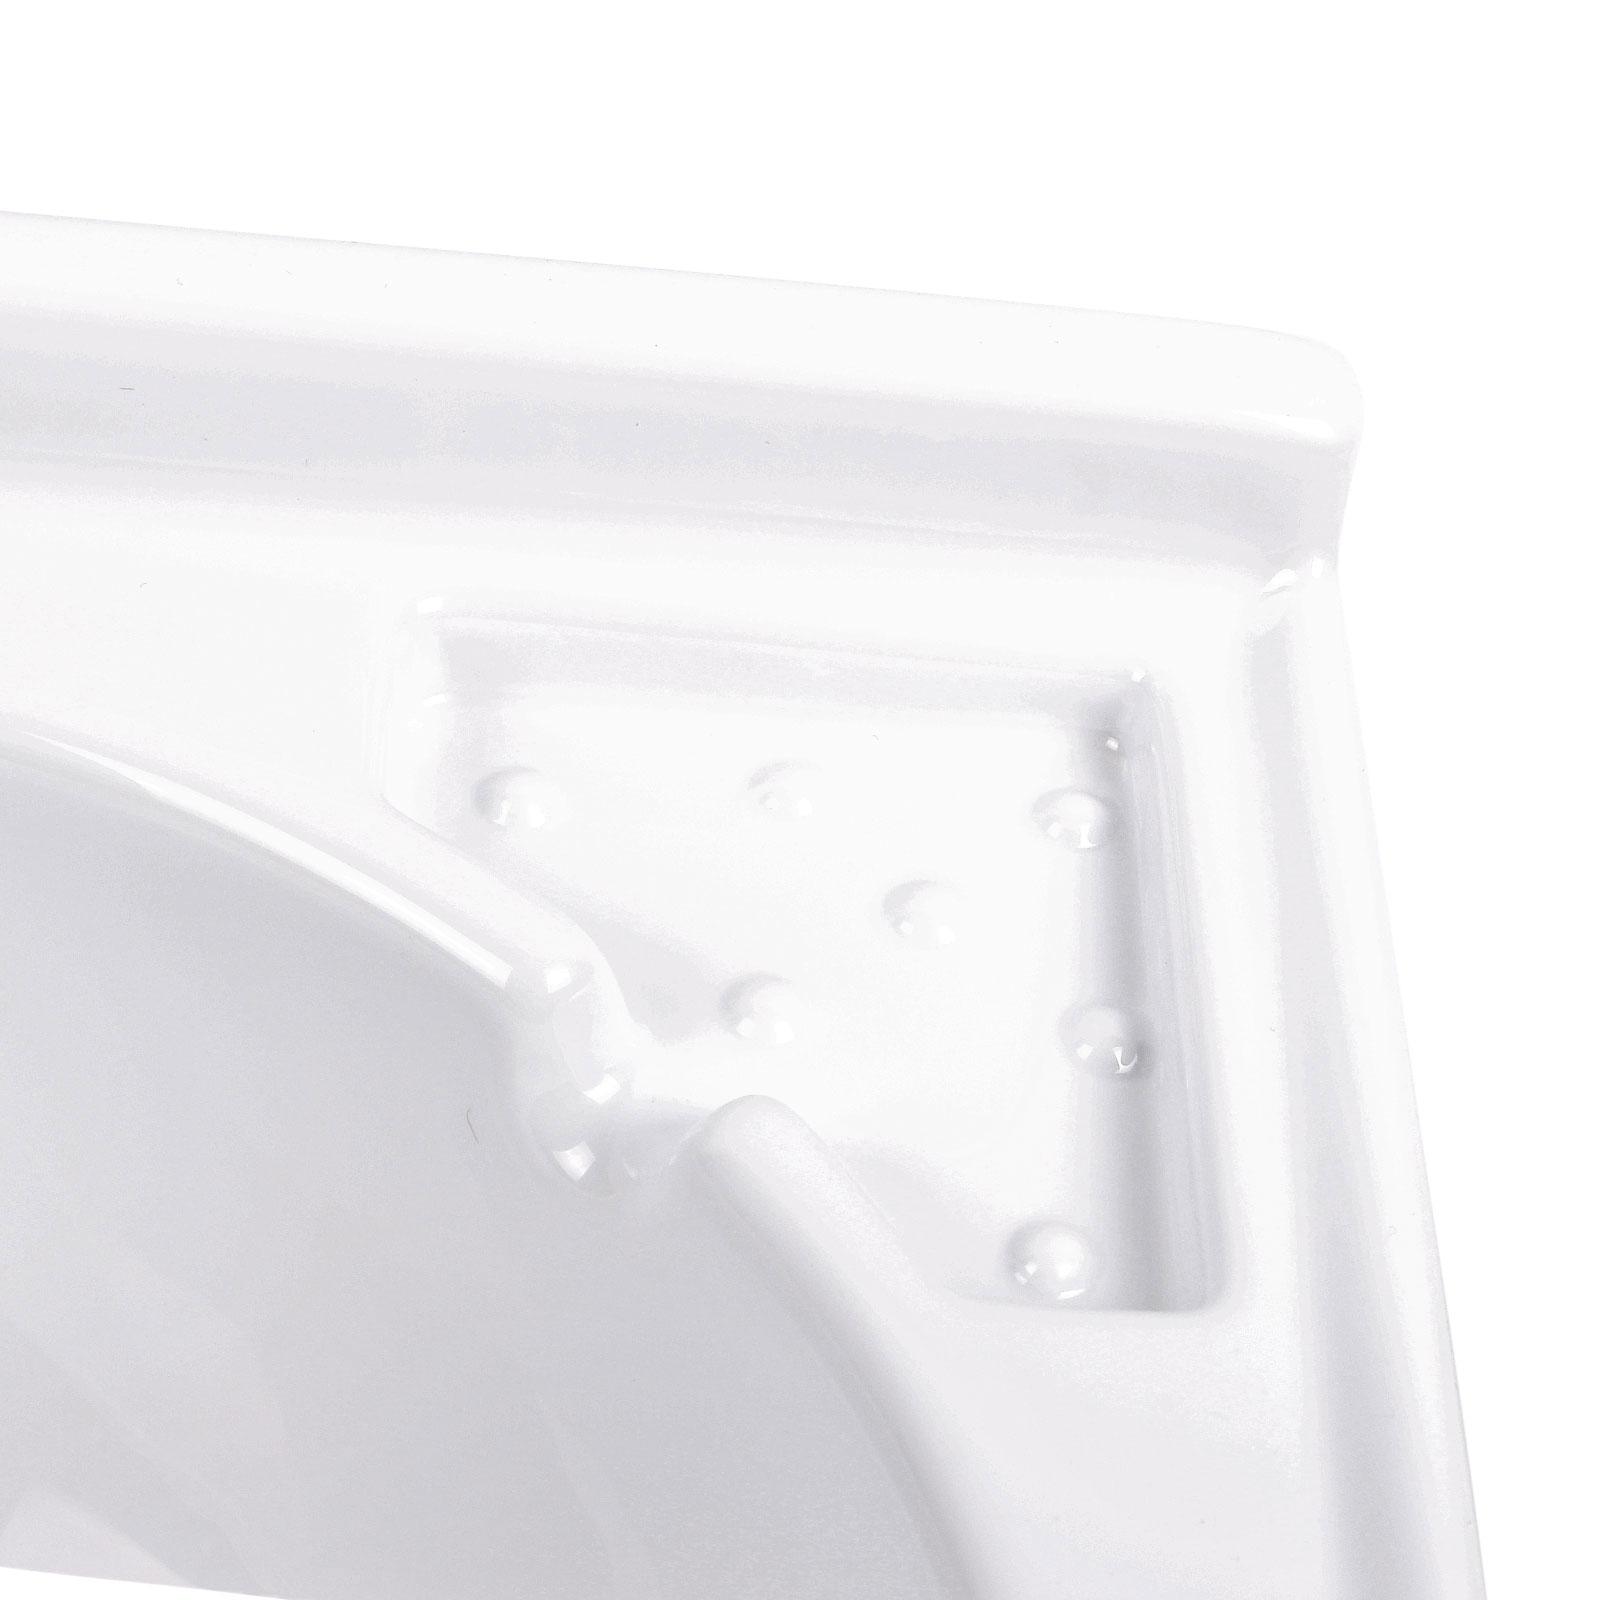 Eckwaschbecken 42 x 42 x 15 cm   ABS-Kunststoff   650 g   weiß